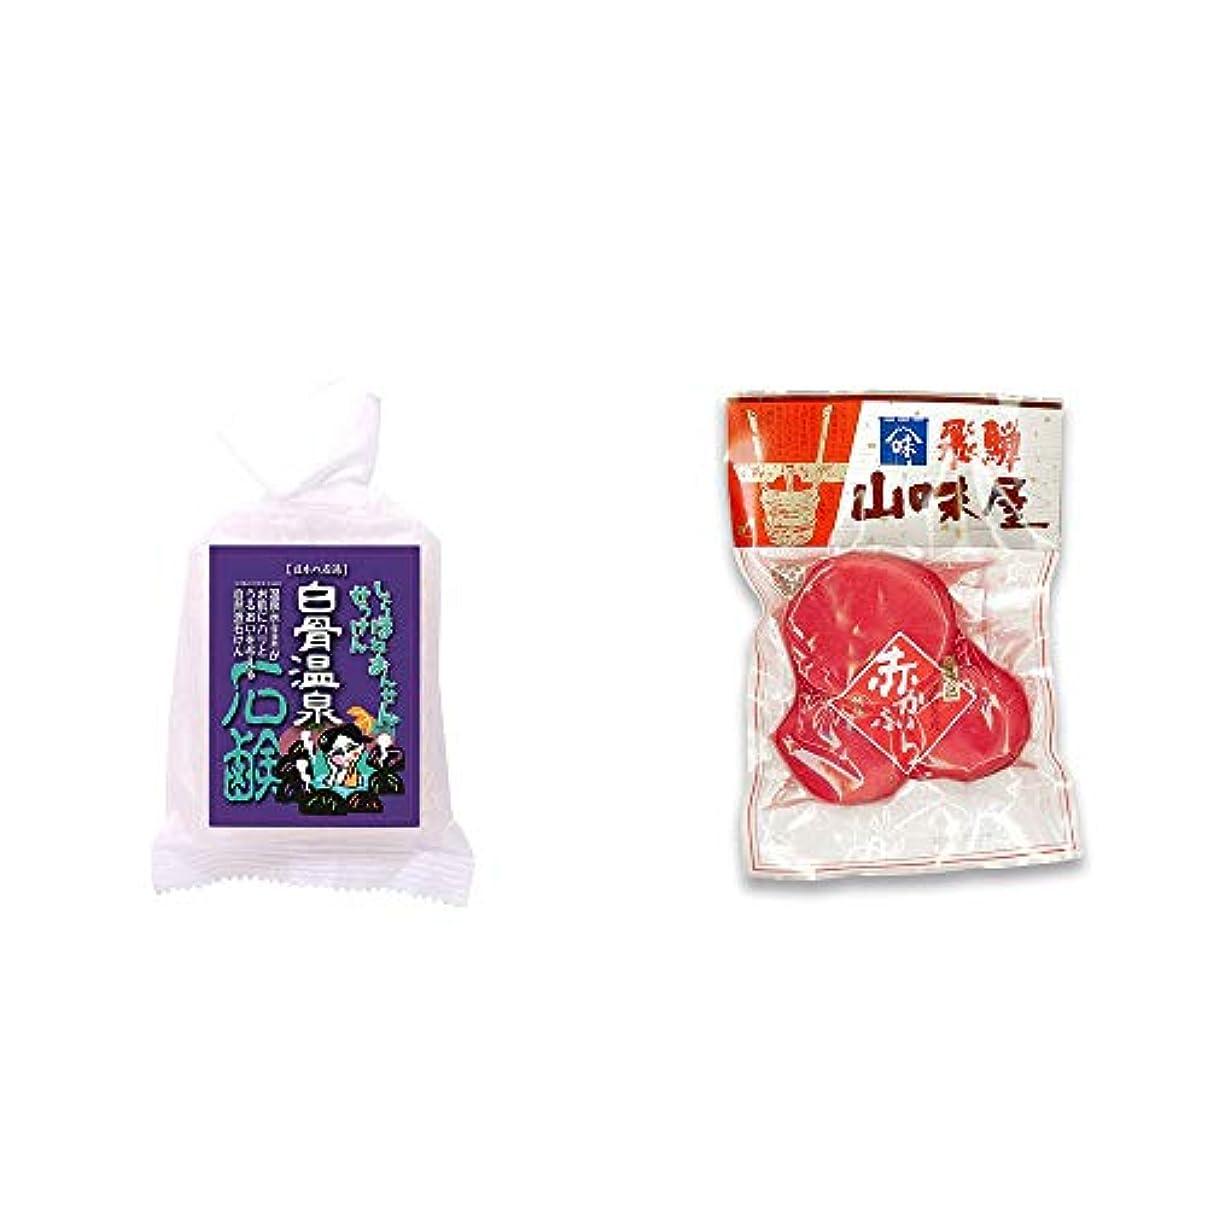 袋わかる怪しい[2点セット] 信州 白骨温泉石鹸(80g)?飛騨山味屋 赤かぶら【大】(230g)[赤かぶ漬け]